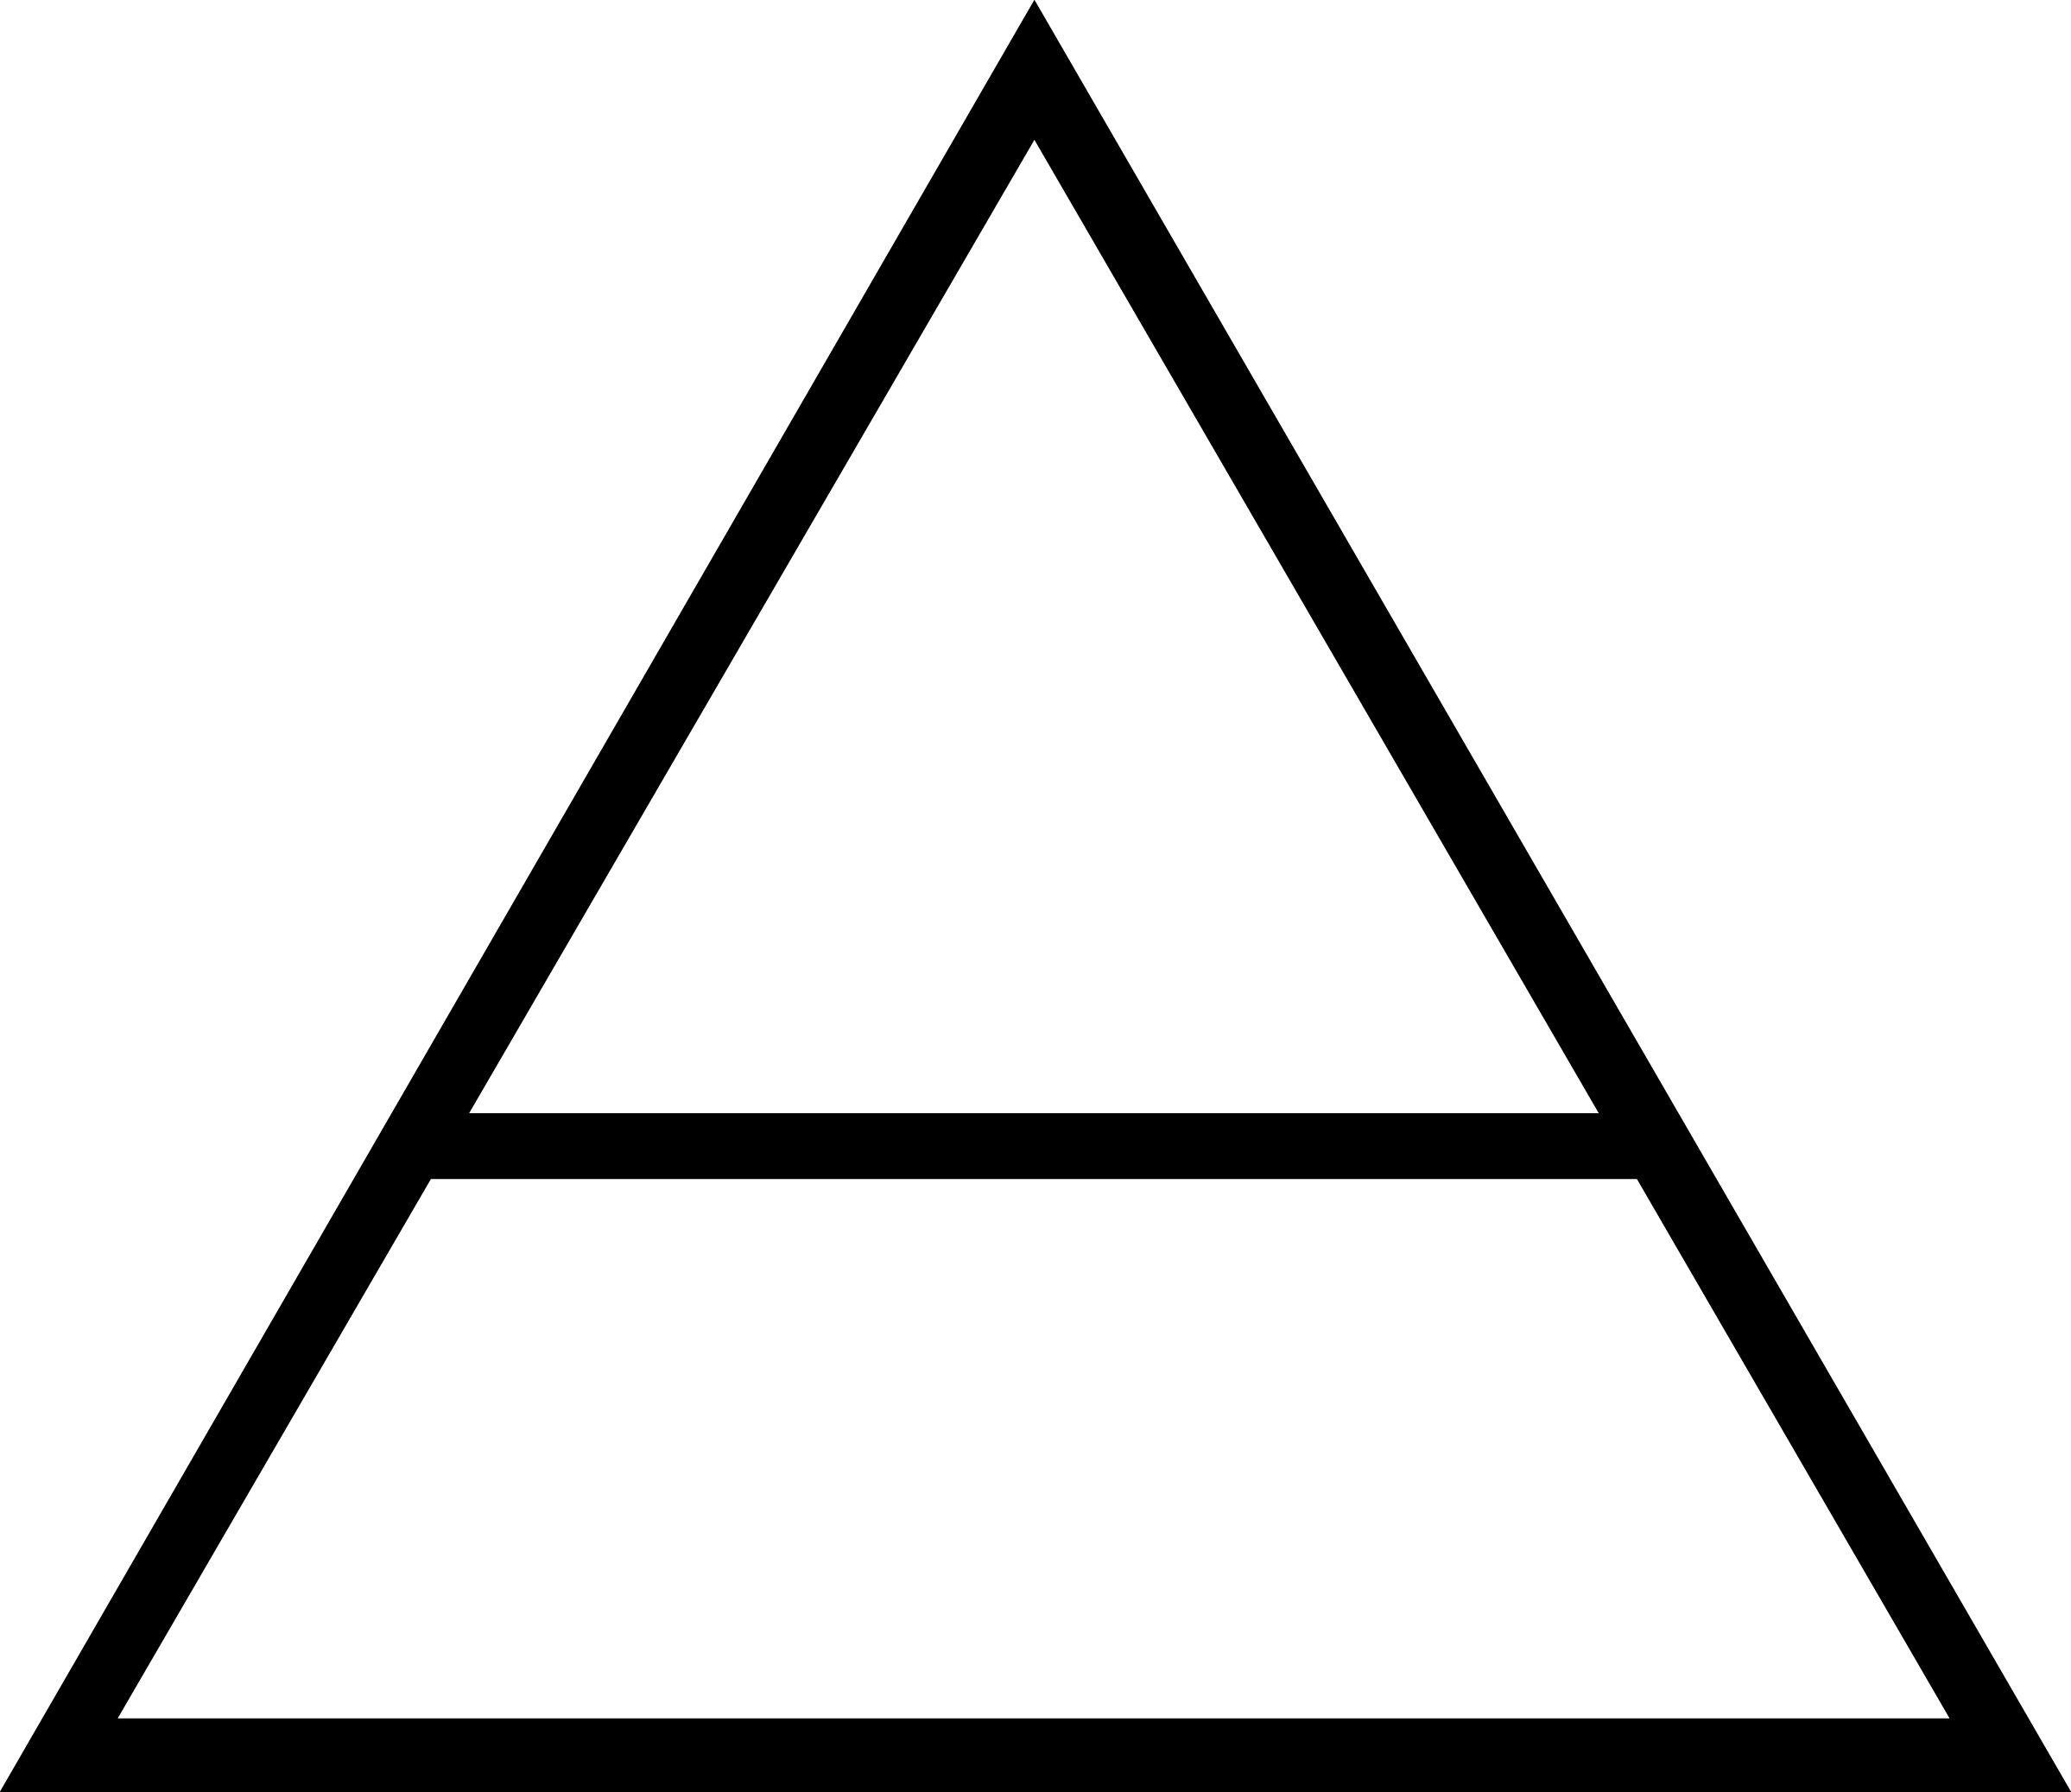 30stm triad